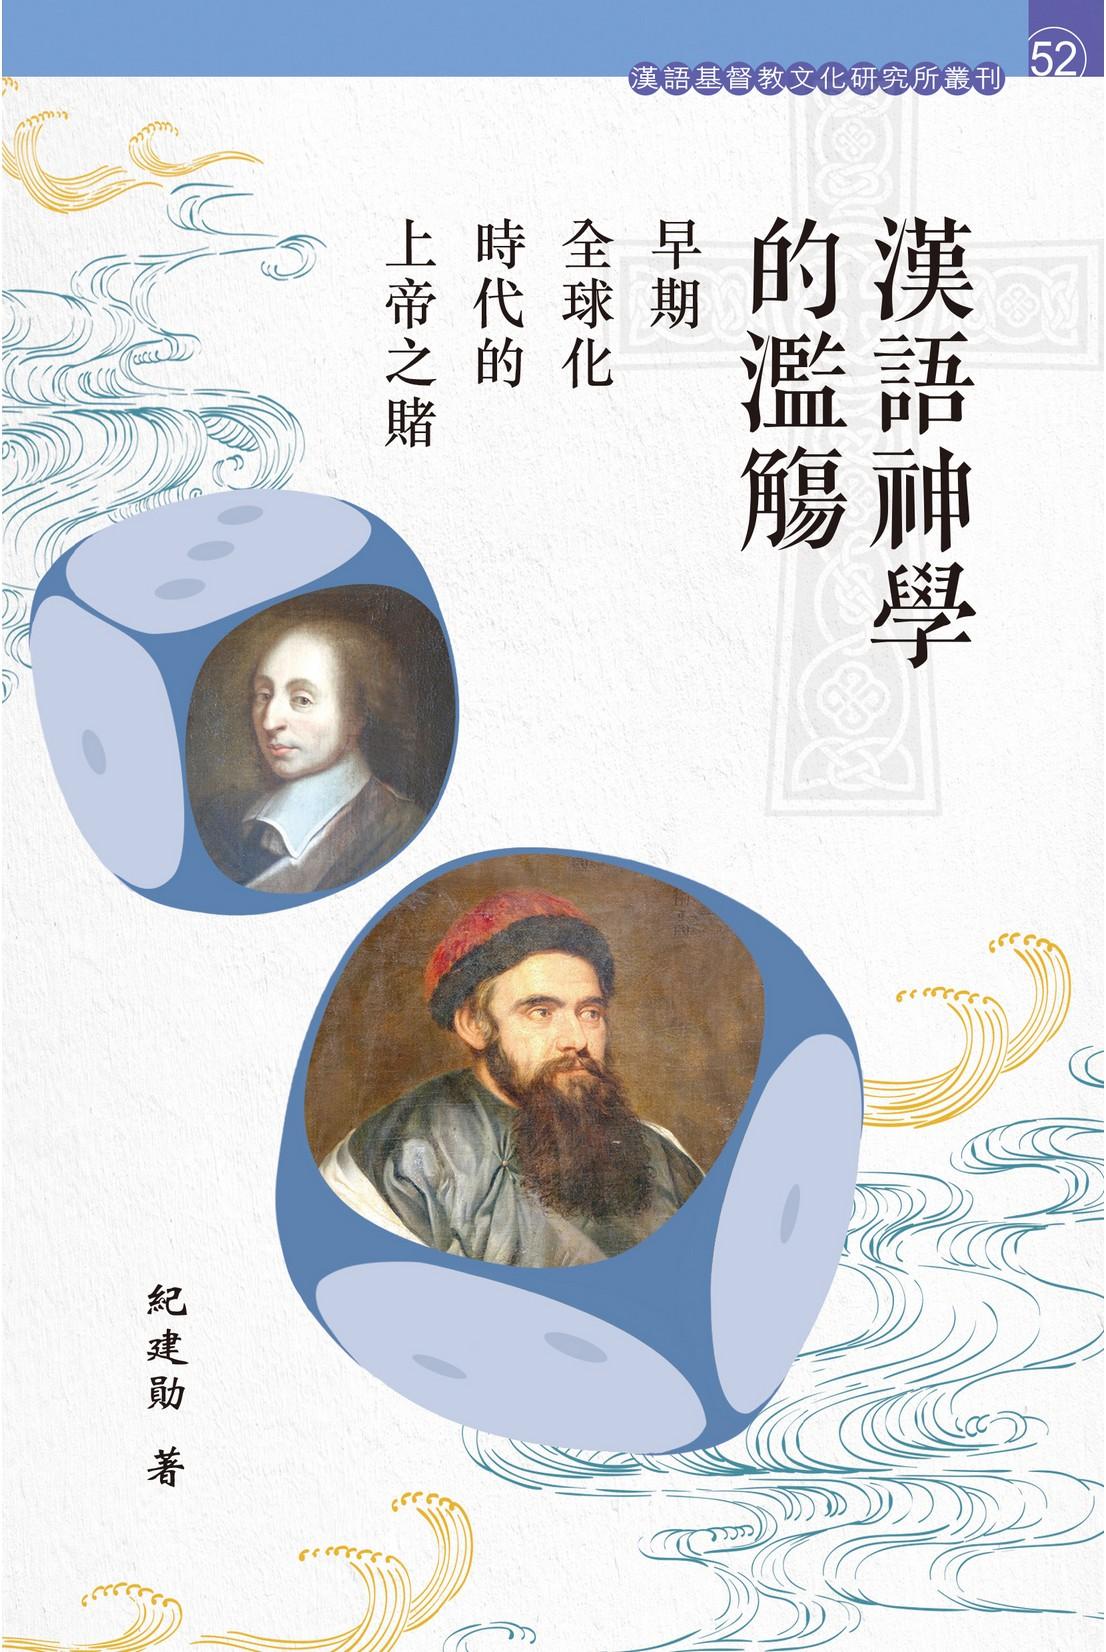 纪建勋:《漢語神學的濫觴——早期全球化時代的上帝之賭》(2020)